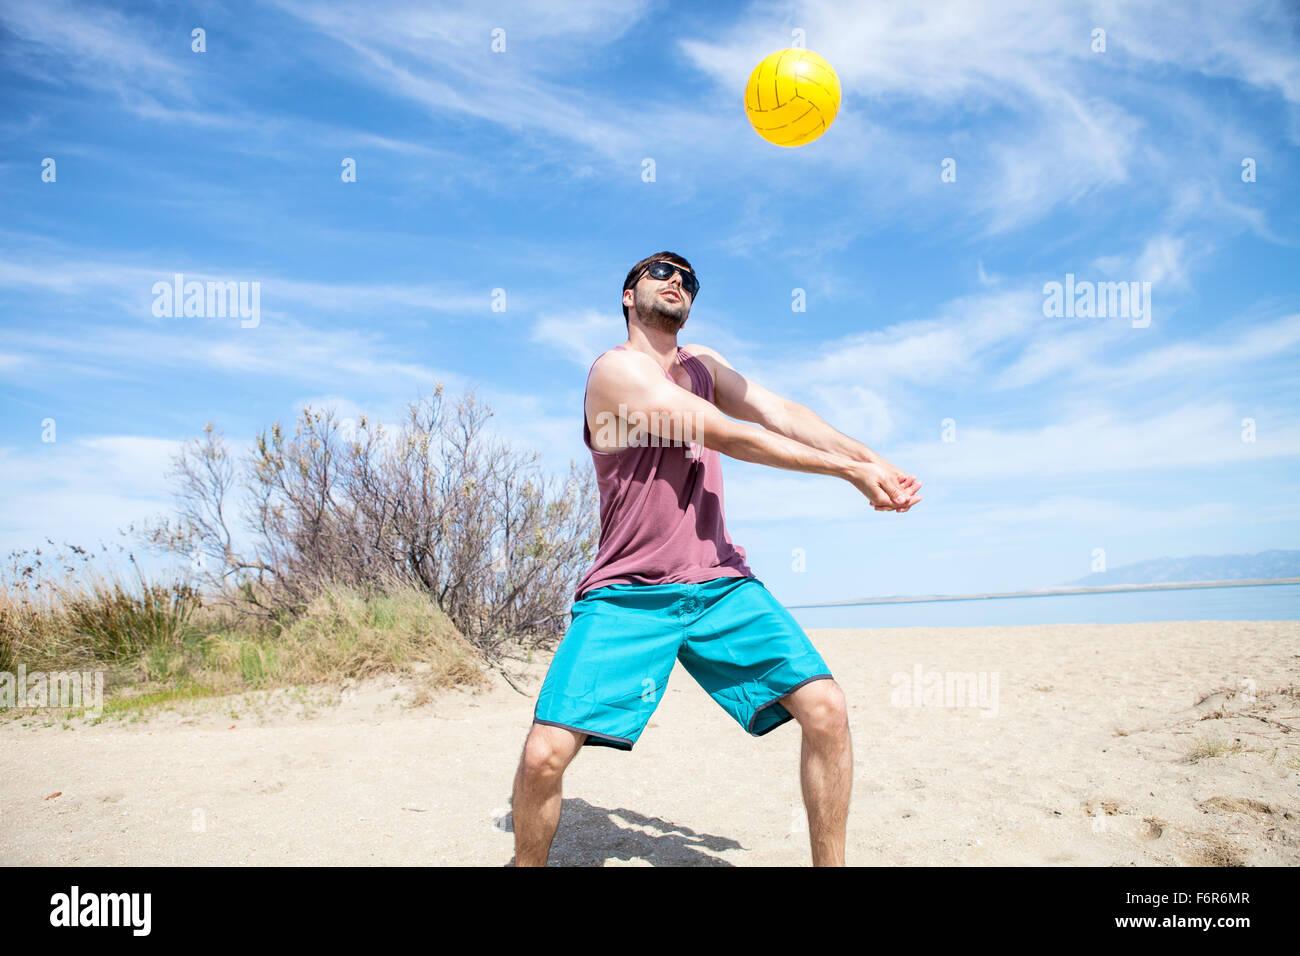 Joven jugando voleibol de playa Imagen De Stock